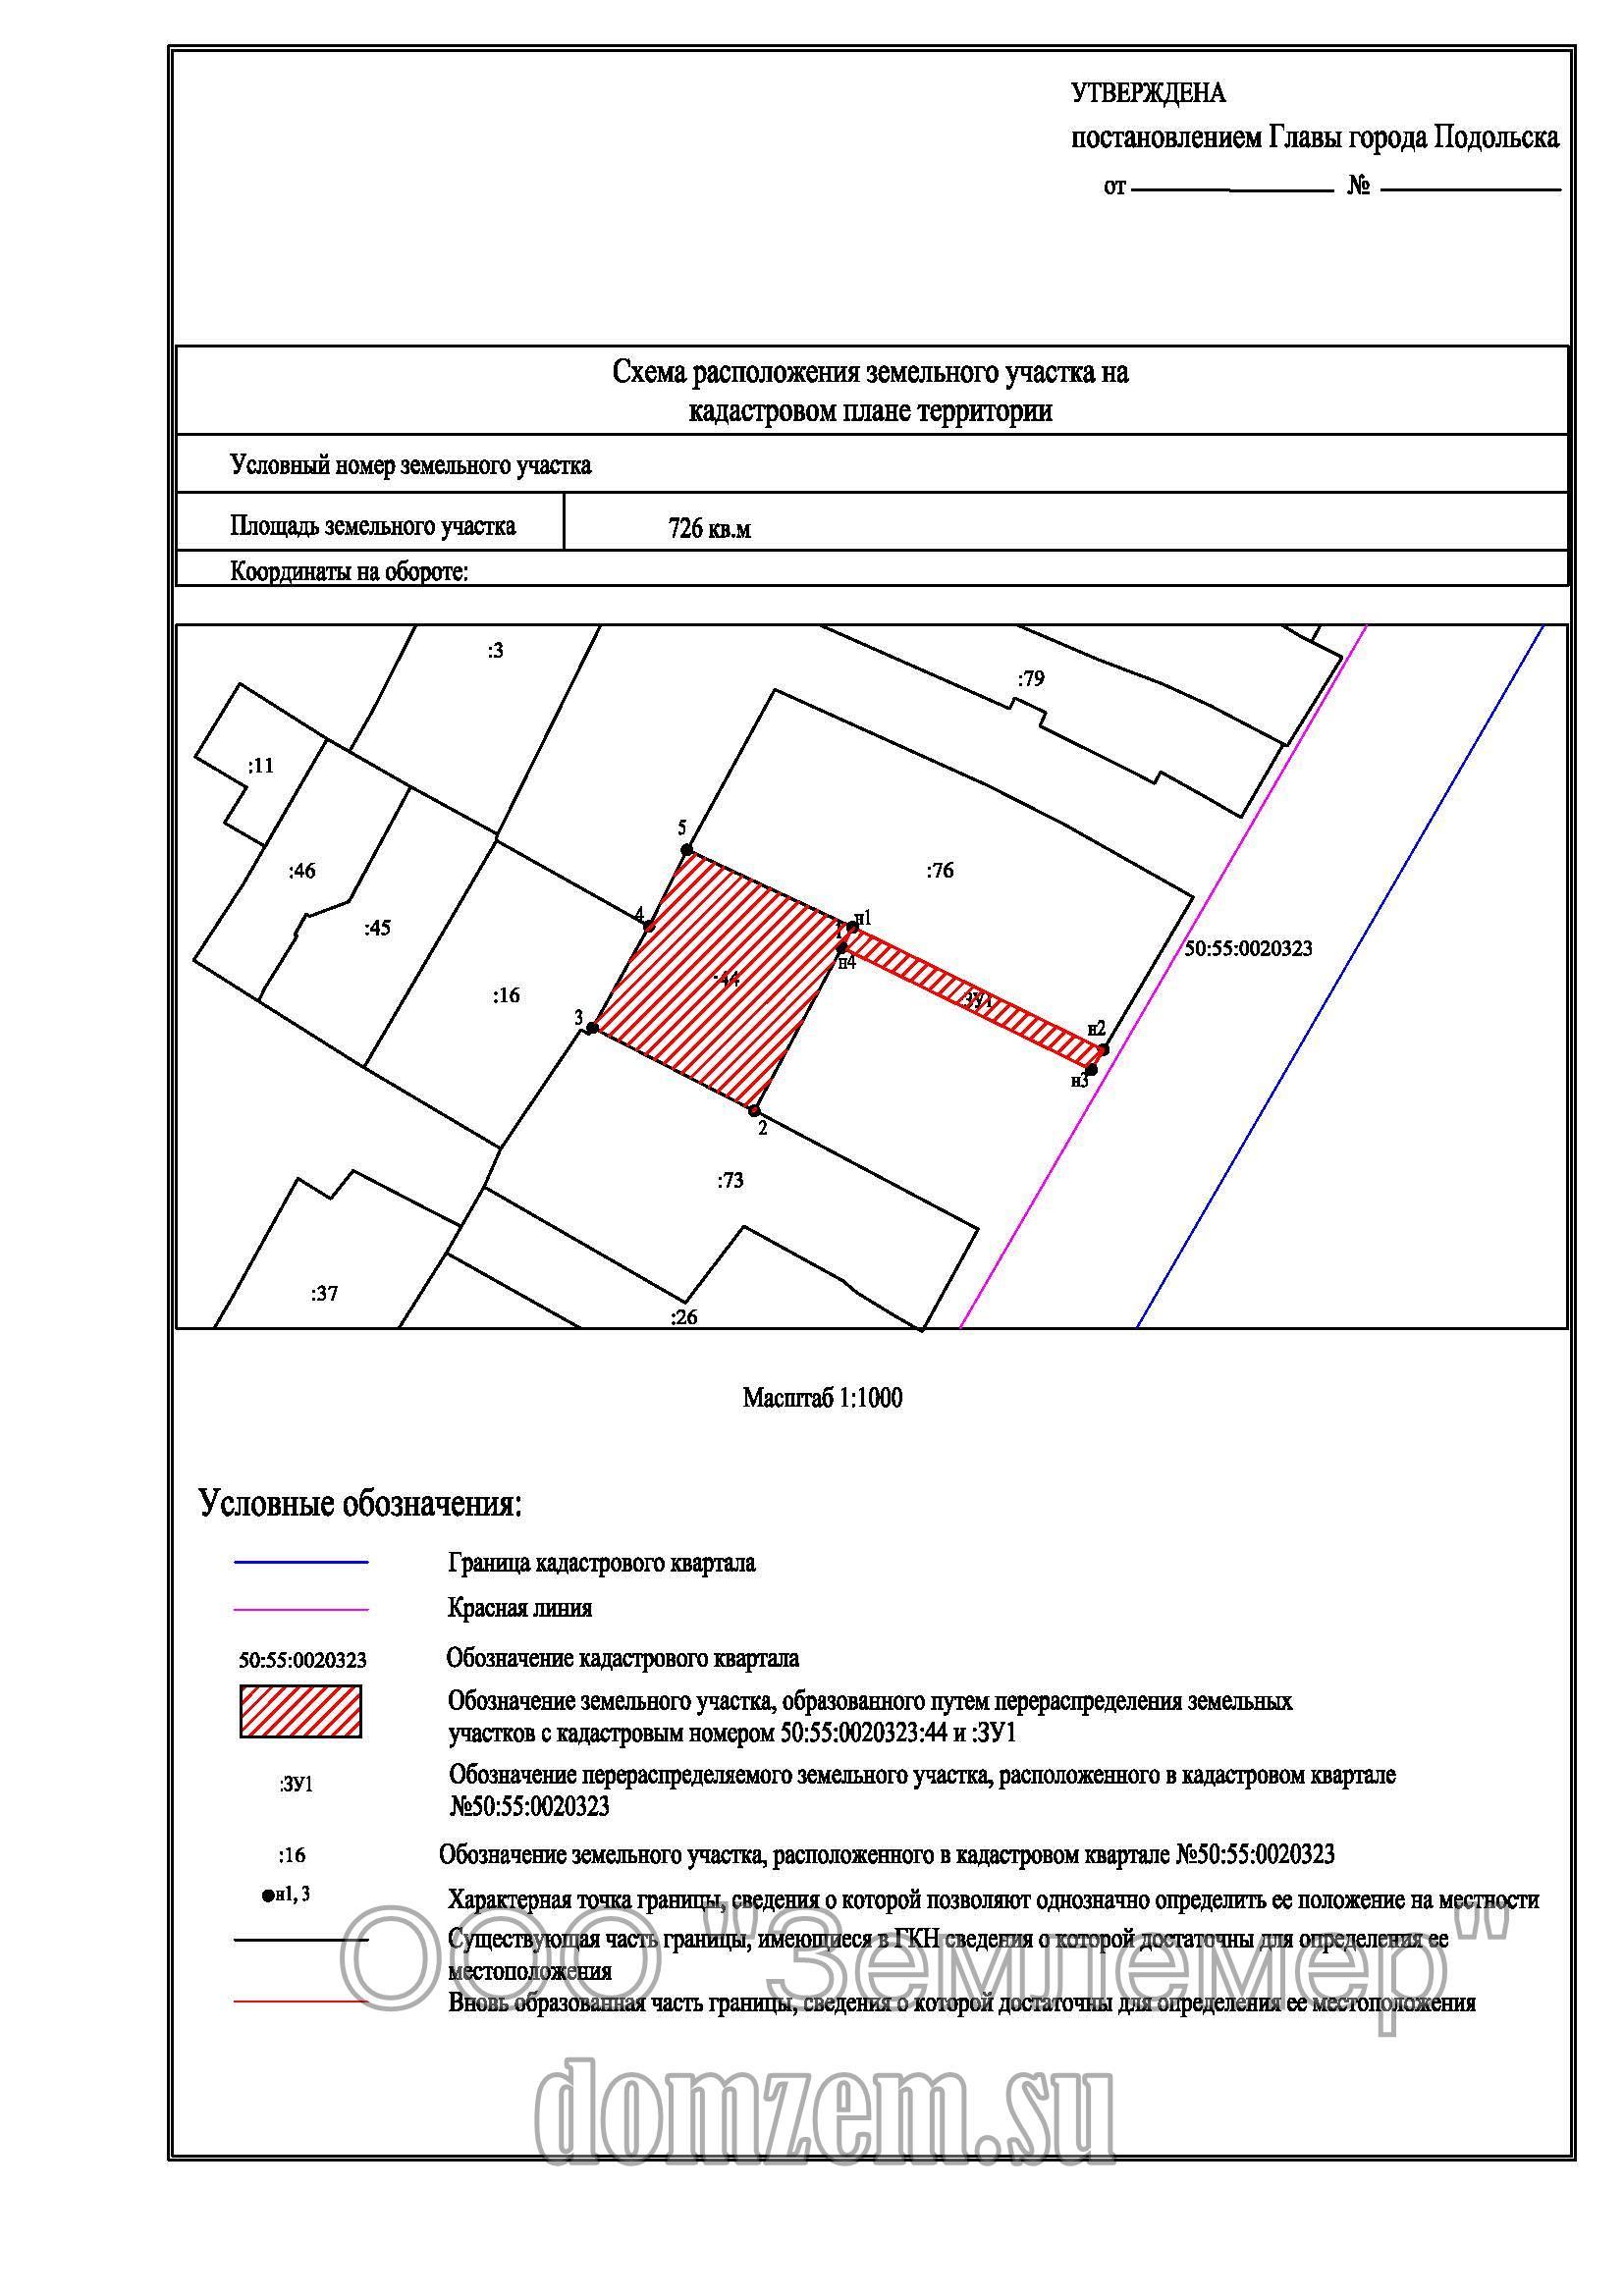 раздел земельного участка на 2 кадастровых номера поместили